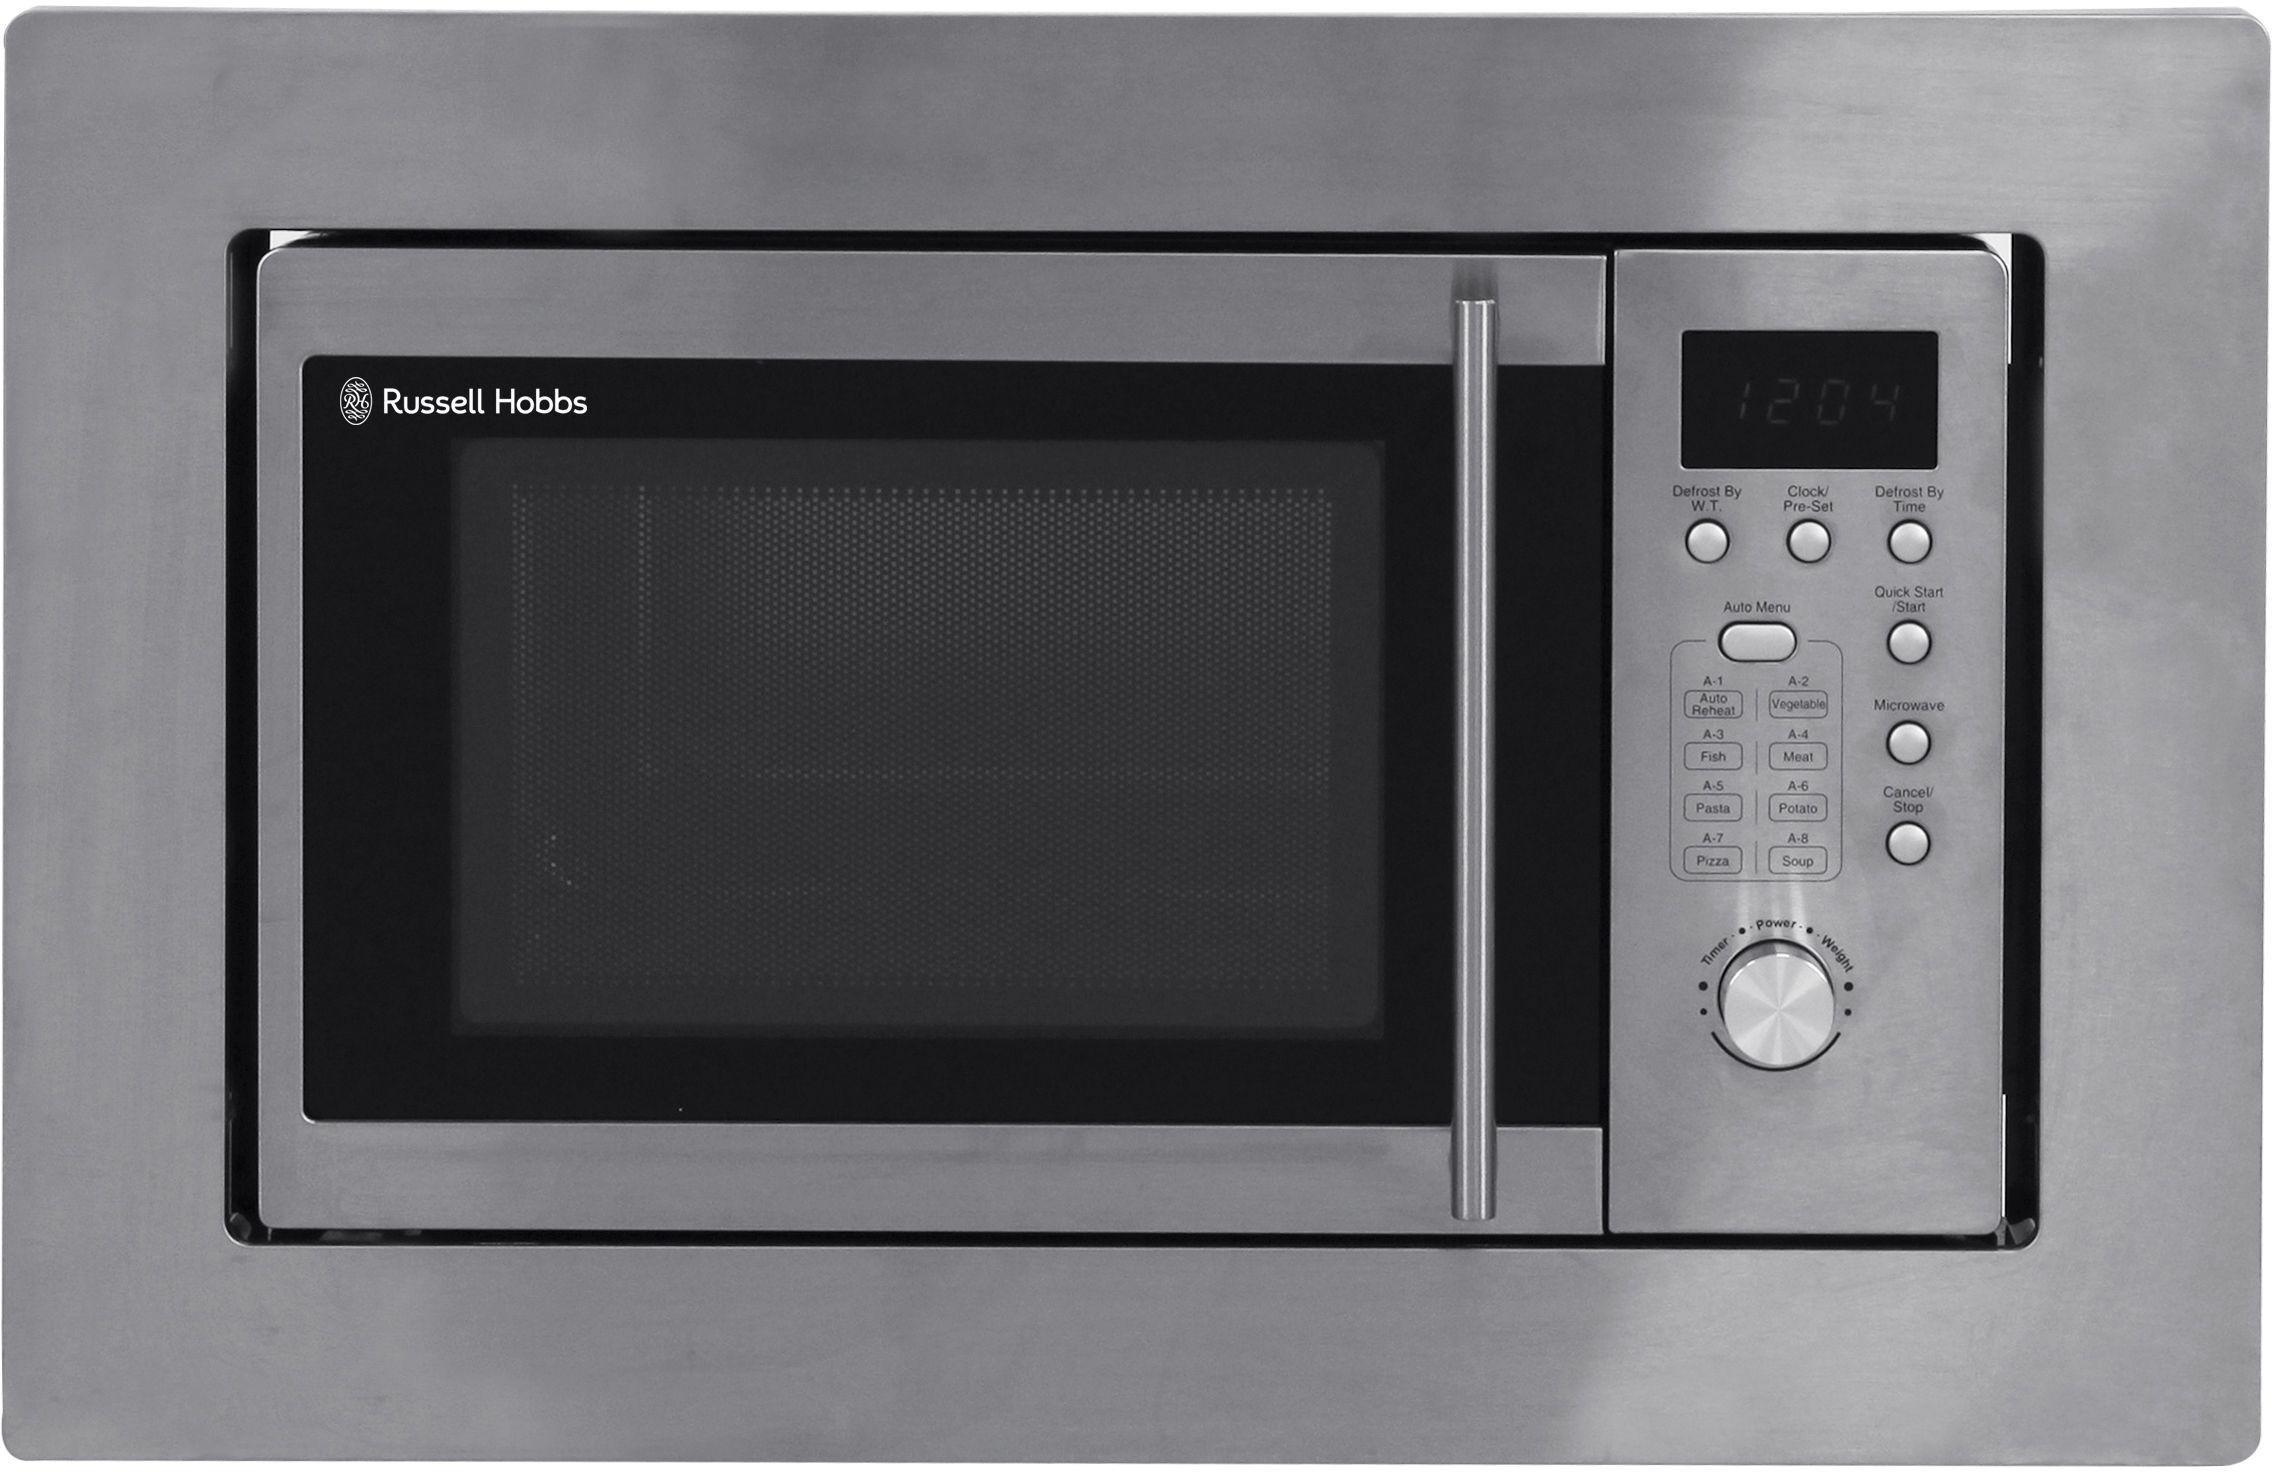 russell-hobbs-built-in-20-litre-digital-microwave-s-steel